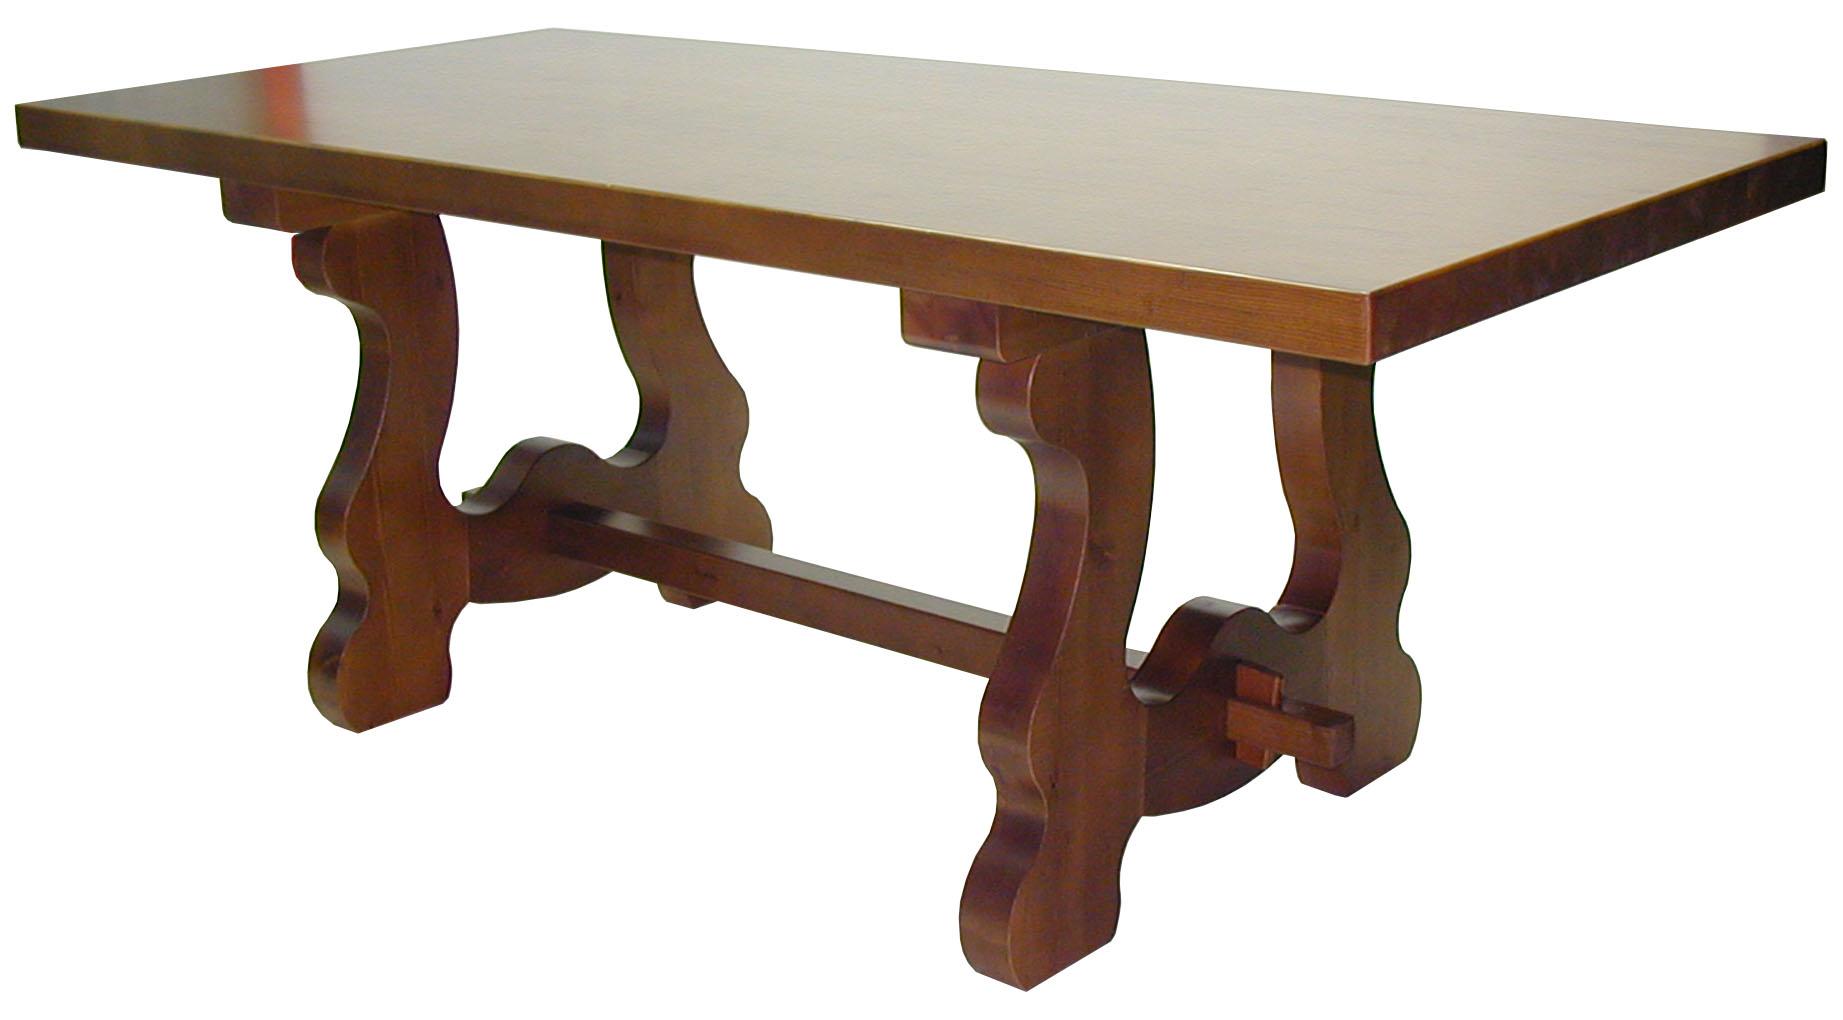 Mesa de madera de pino 4 patas - Tableros de madera maciza para mesas ...